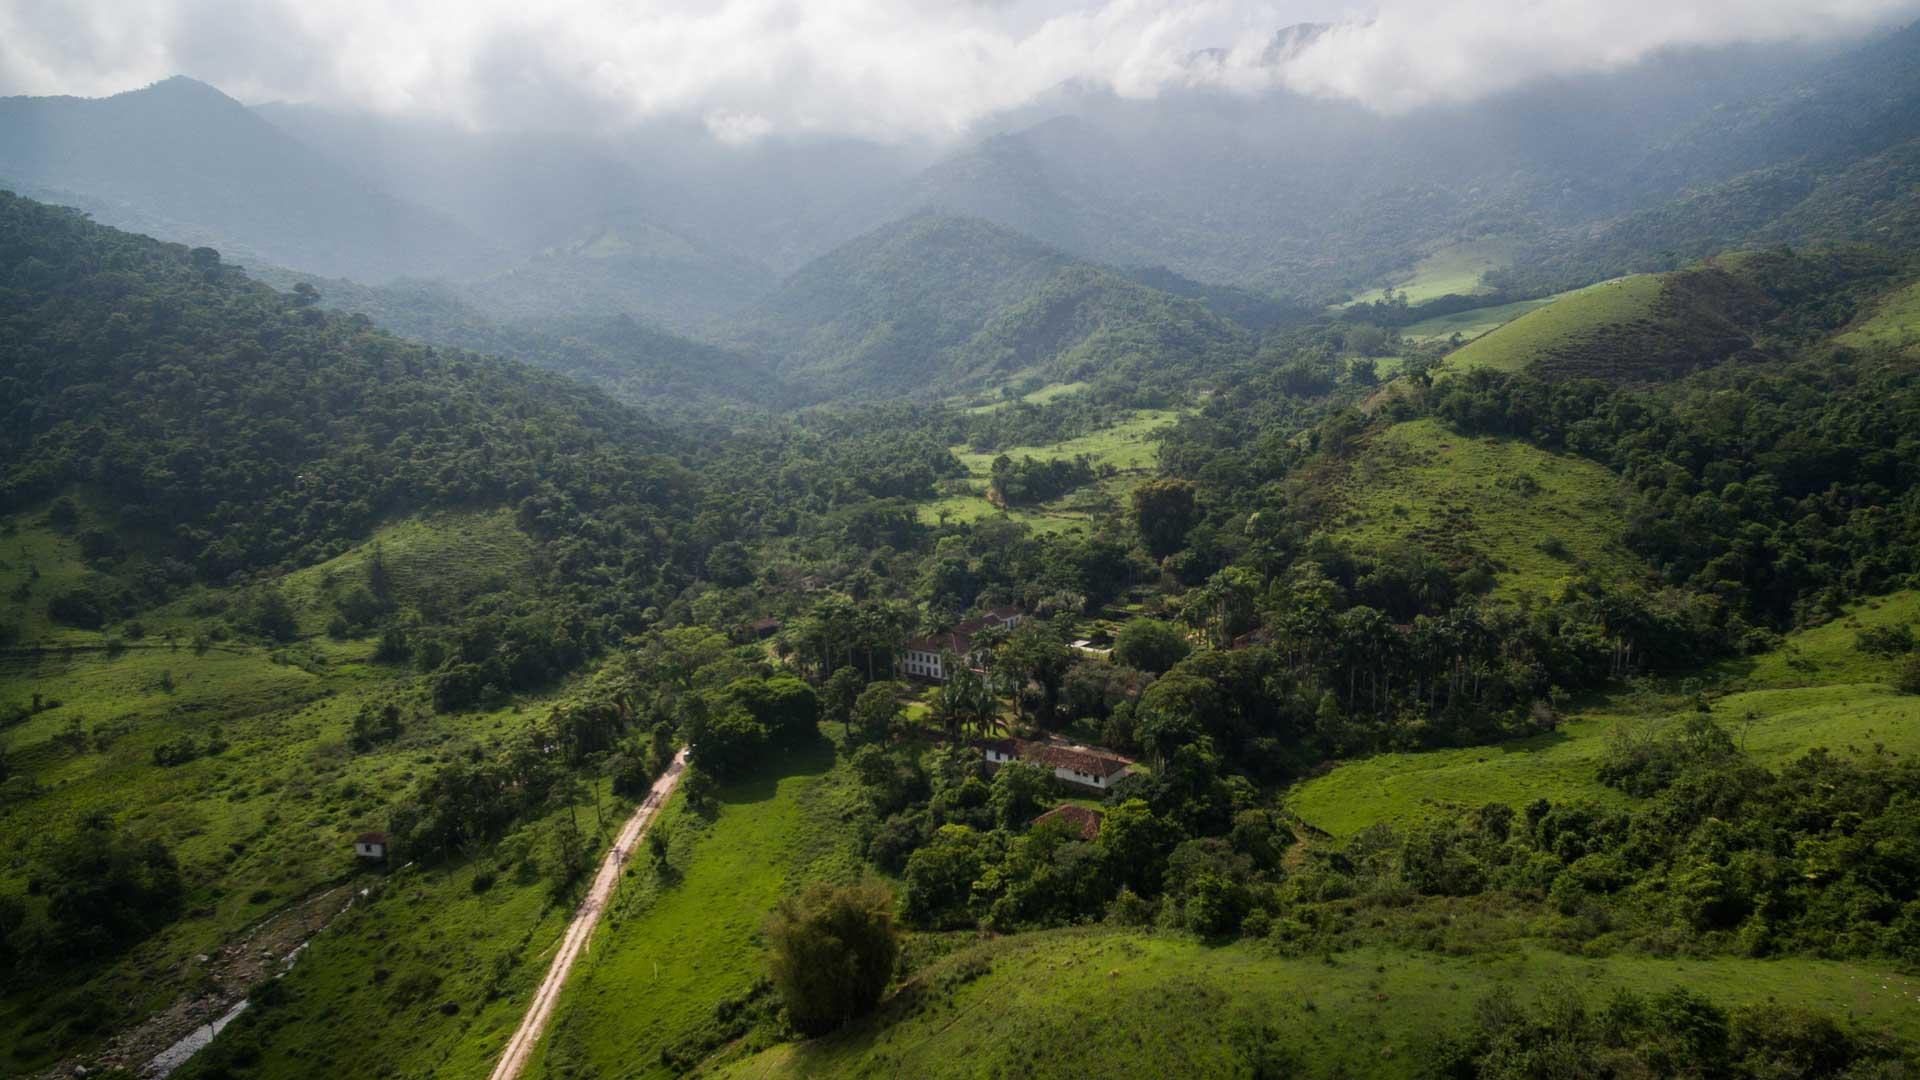 Fotografia de Pedro Mascaro - Fazenda Vargem Grande - Areias-SP